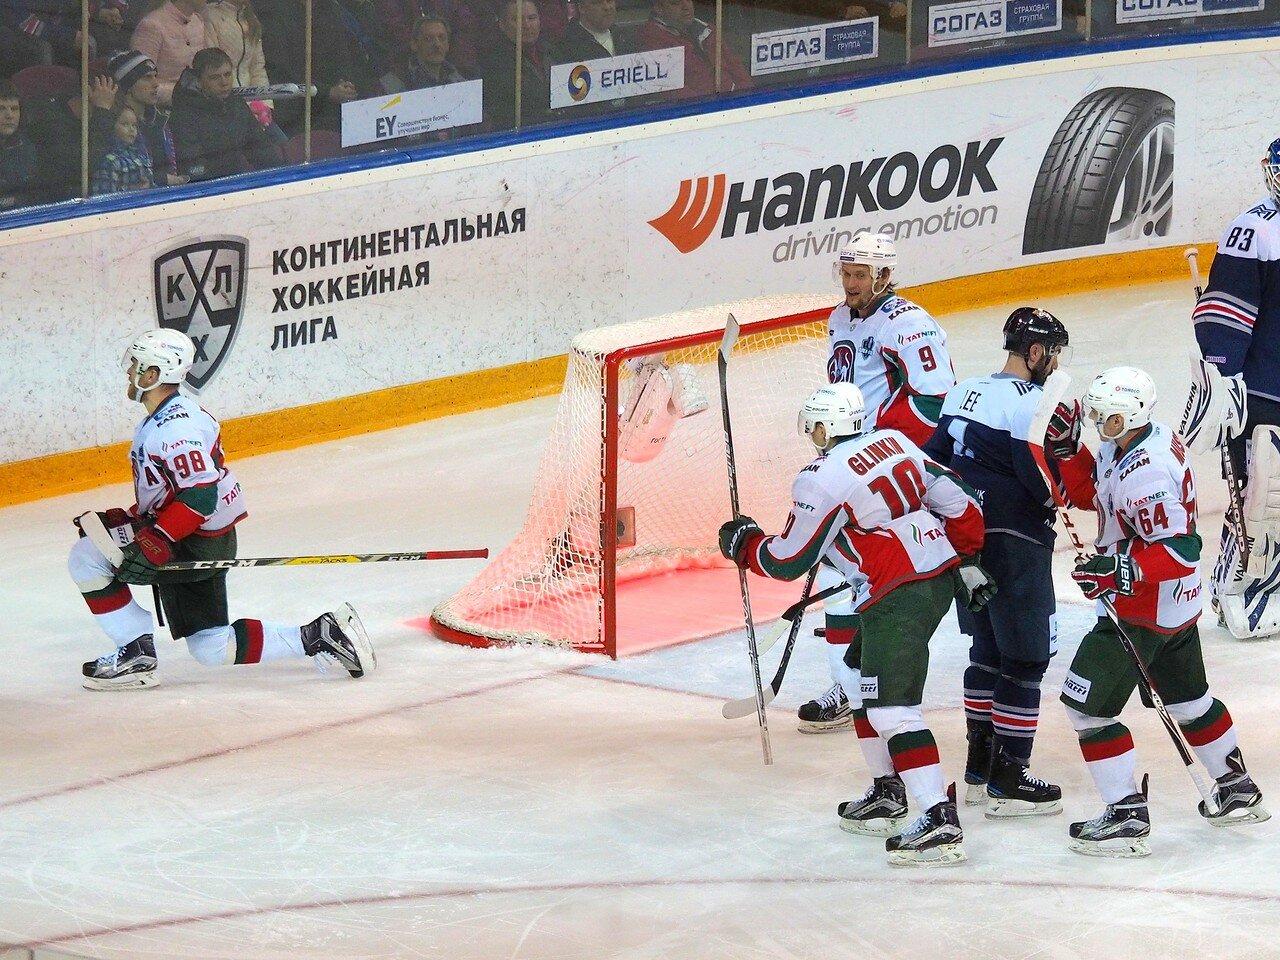 74 Первая игра финала плей-офф восточной конференции 2017 Металлург - АкБарс 24.03.2017